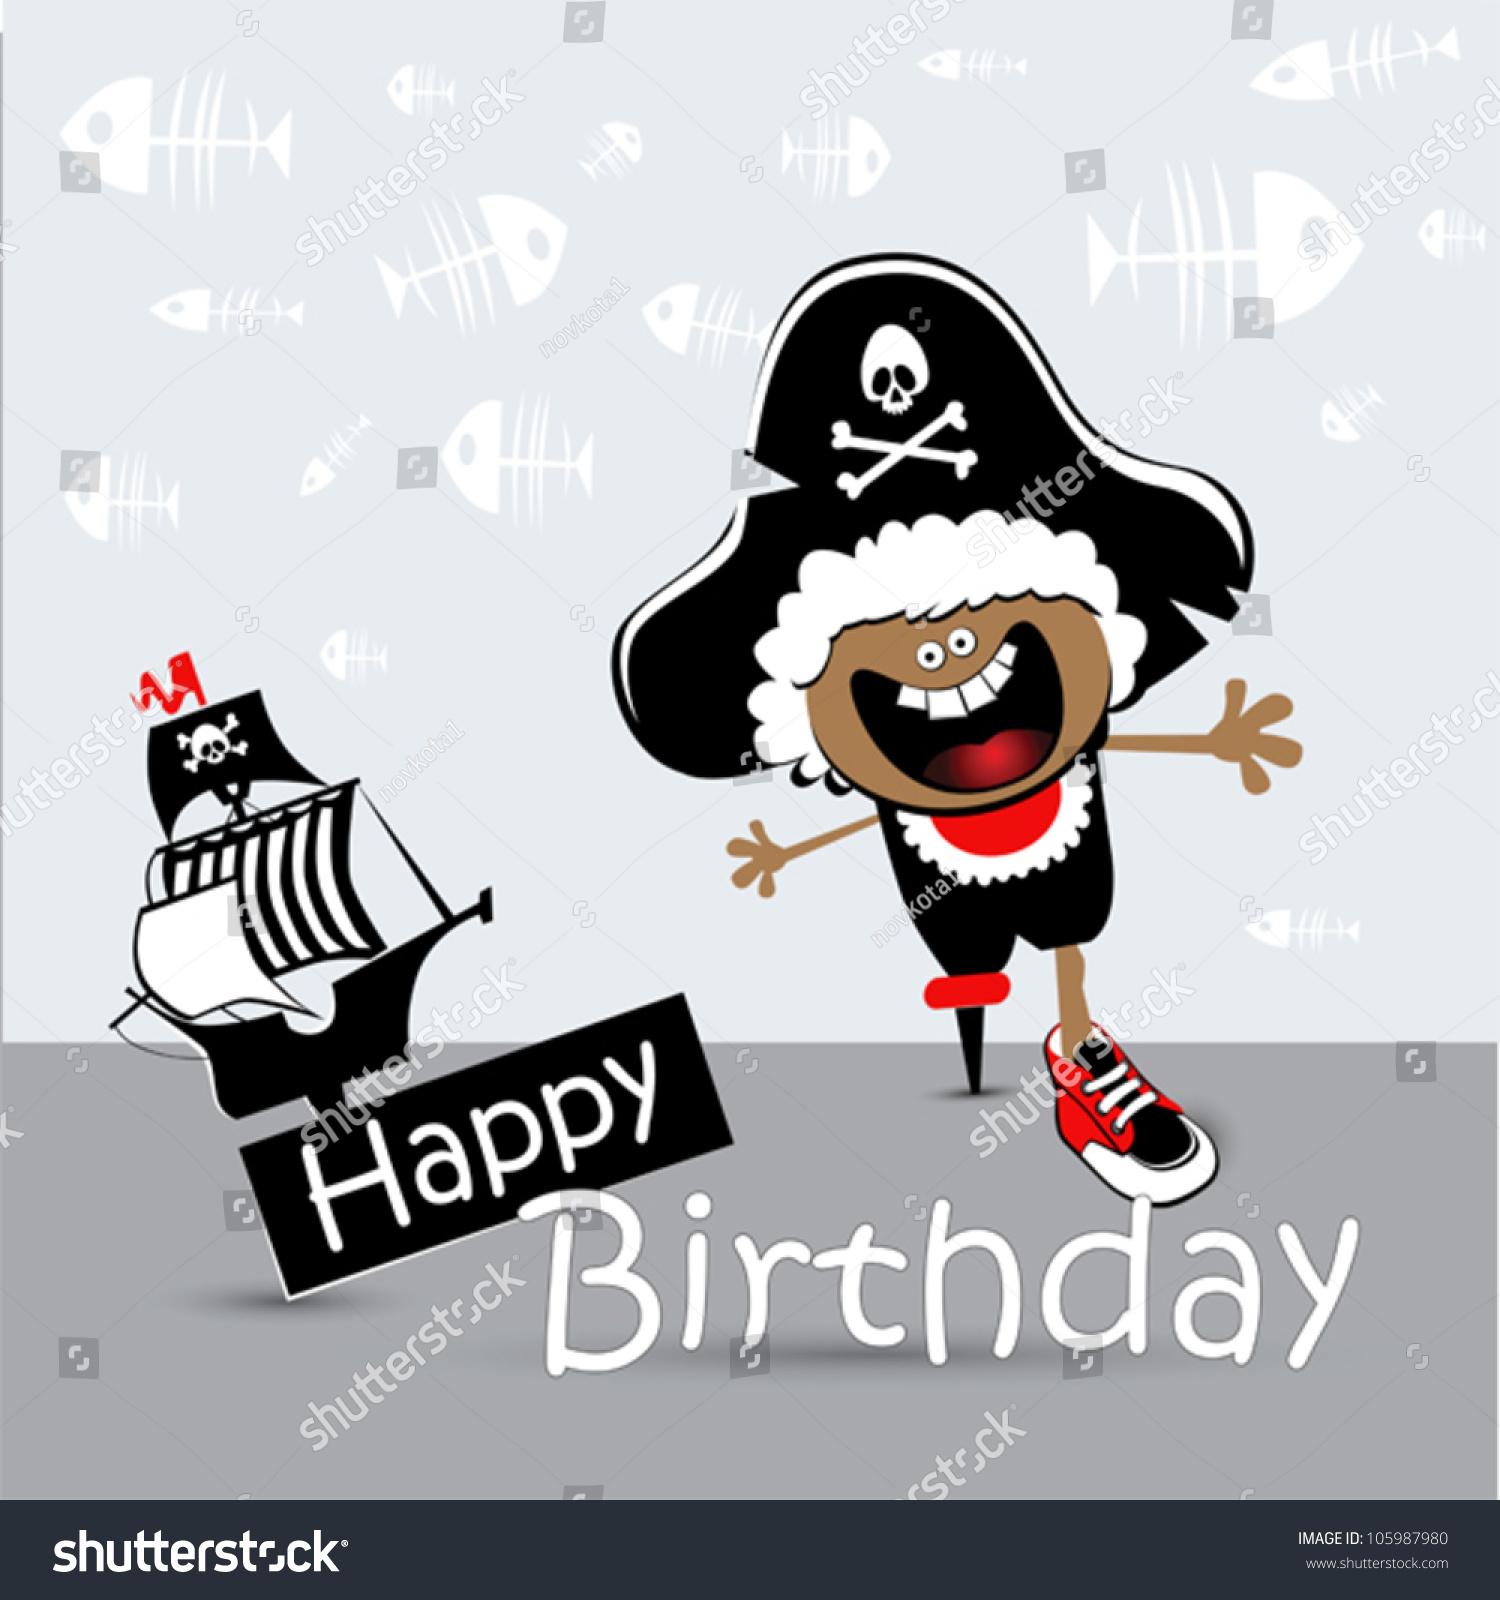 Поздравление с днем рождения на пиратской вечеринке